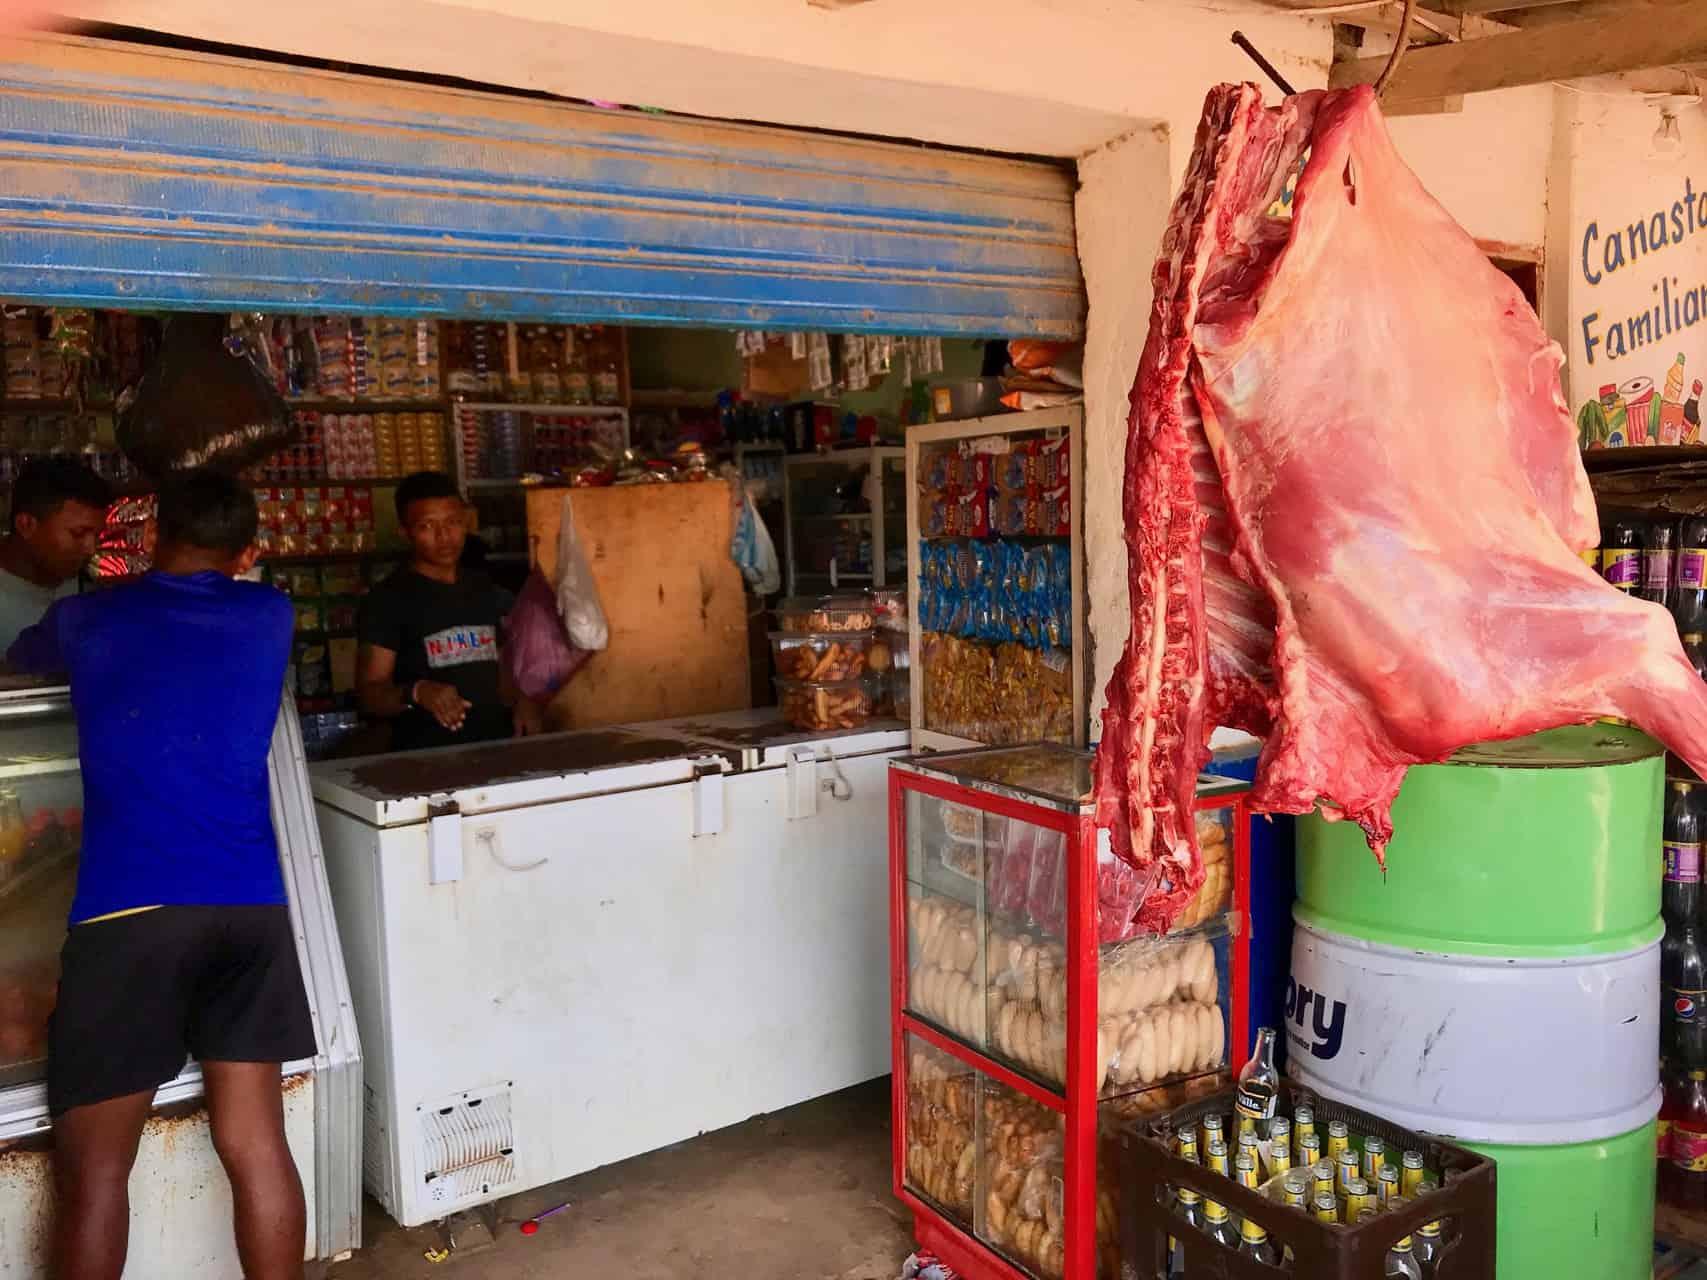 Dorfladen mit Ziege im Angebot (Bild: M. Schäfer)